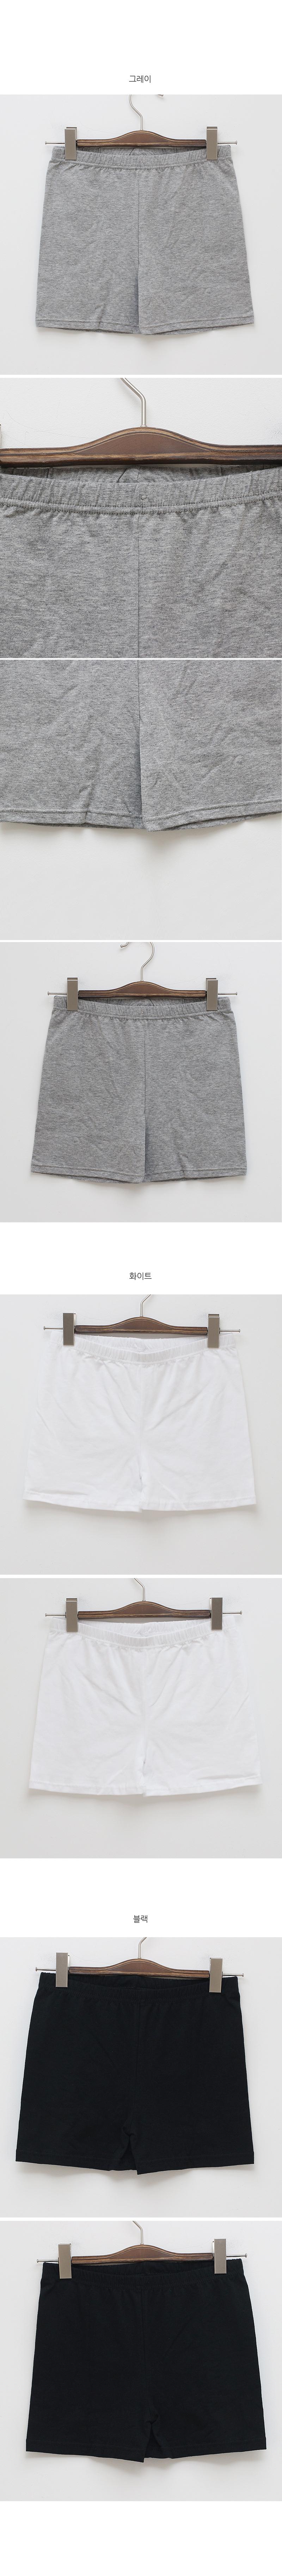 Basic cotton underpants